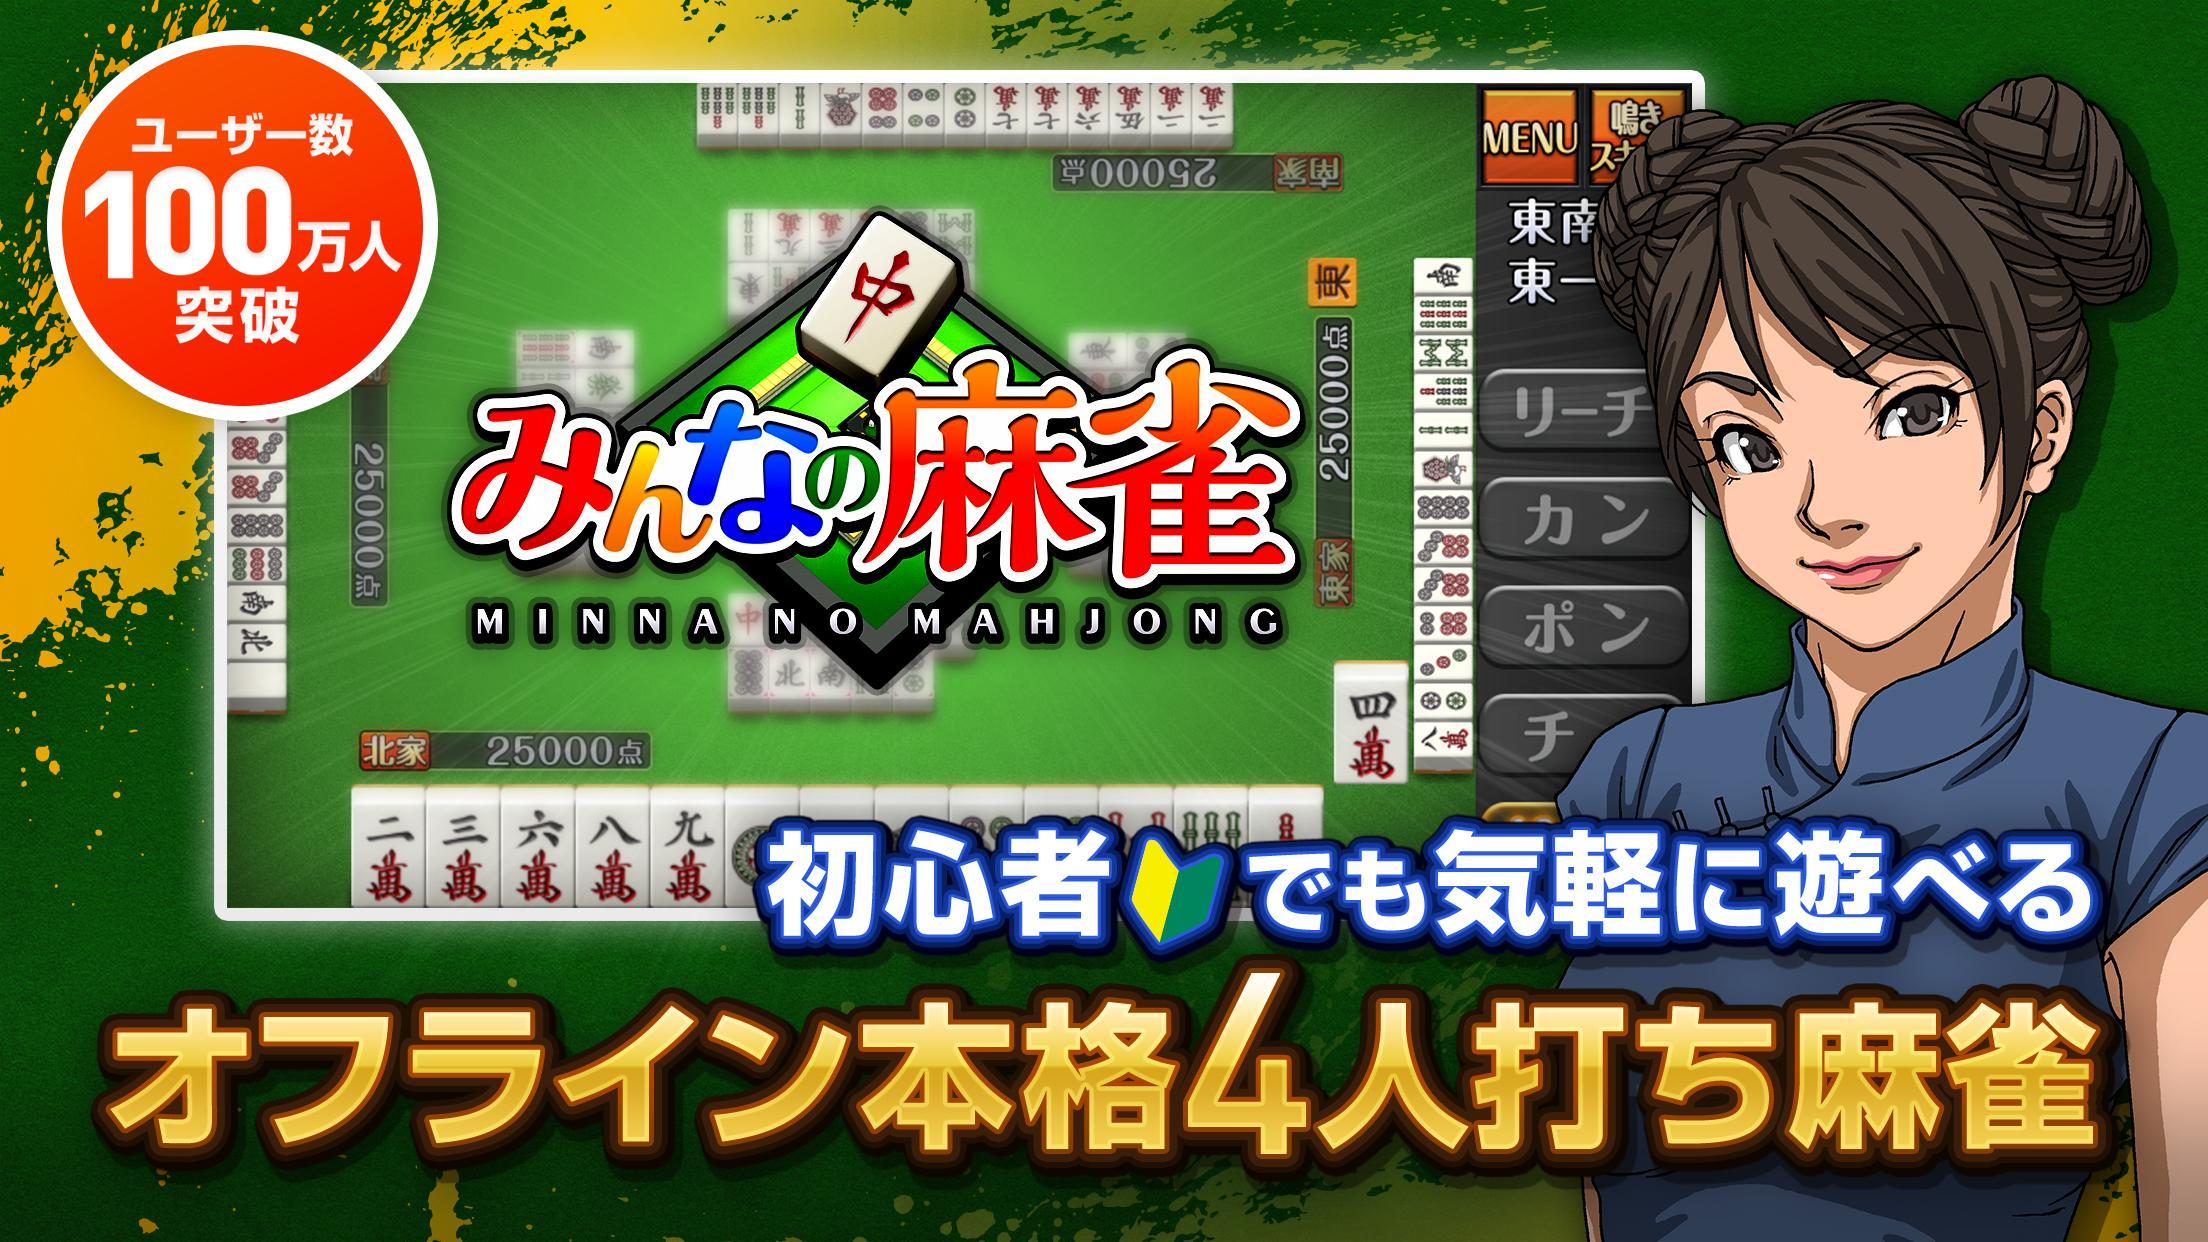 みんなの麻雀 初心者も強くなれるランキング戦が楽しい本格麻雀【無料】 1.1.12 Screenshot 6